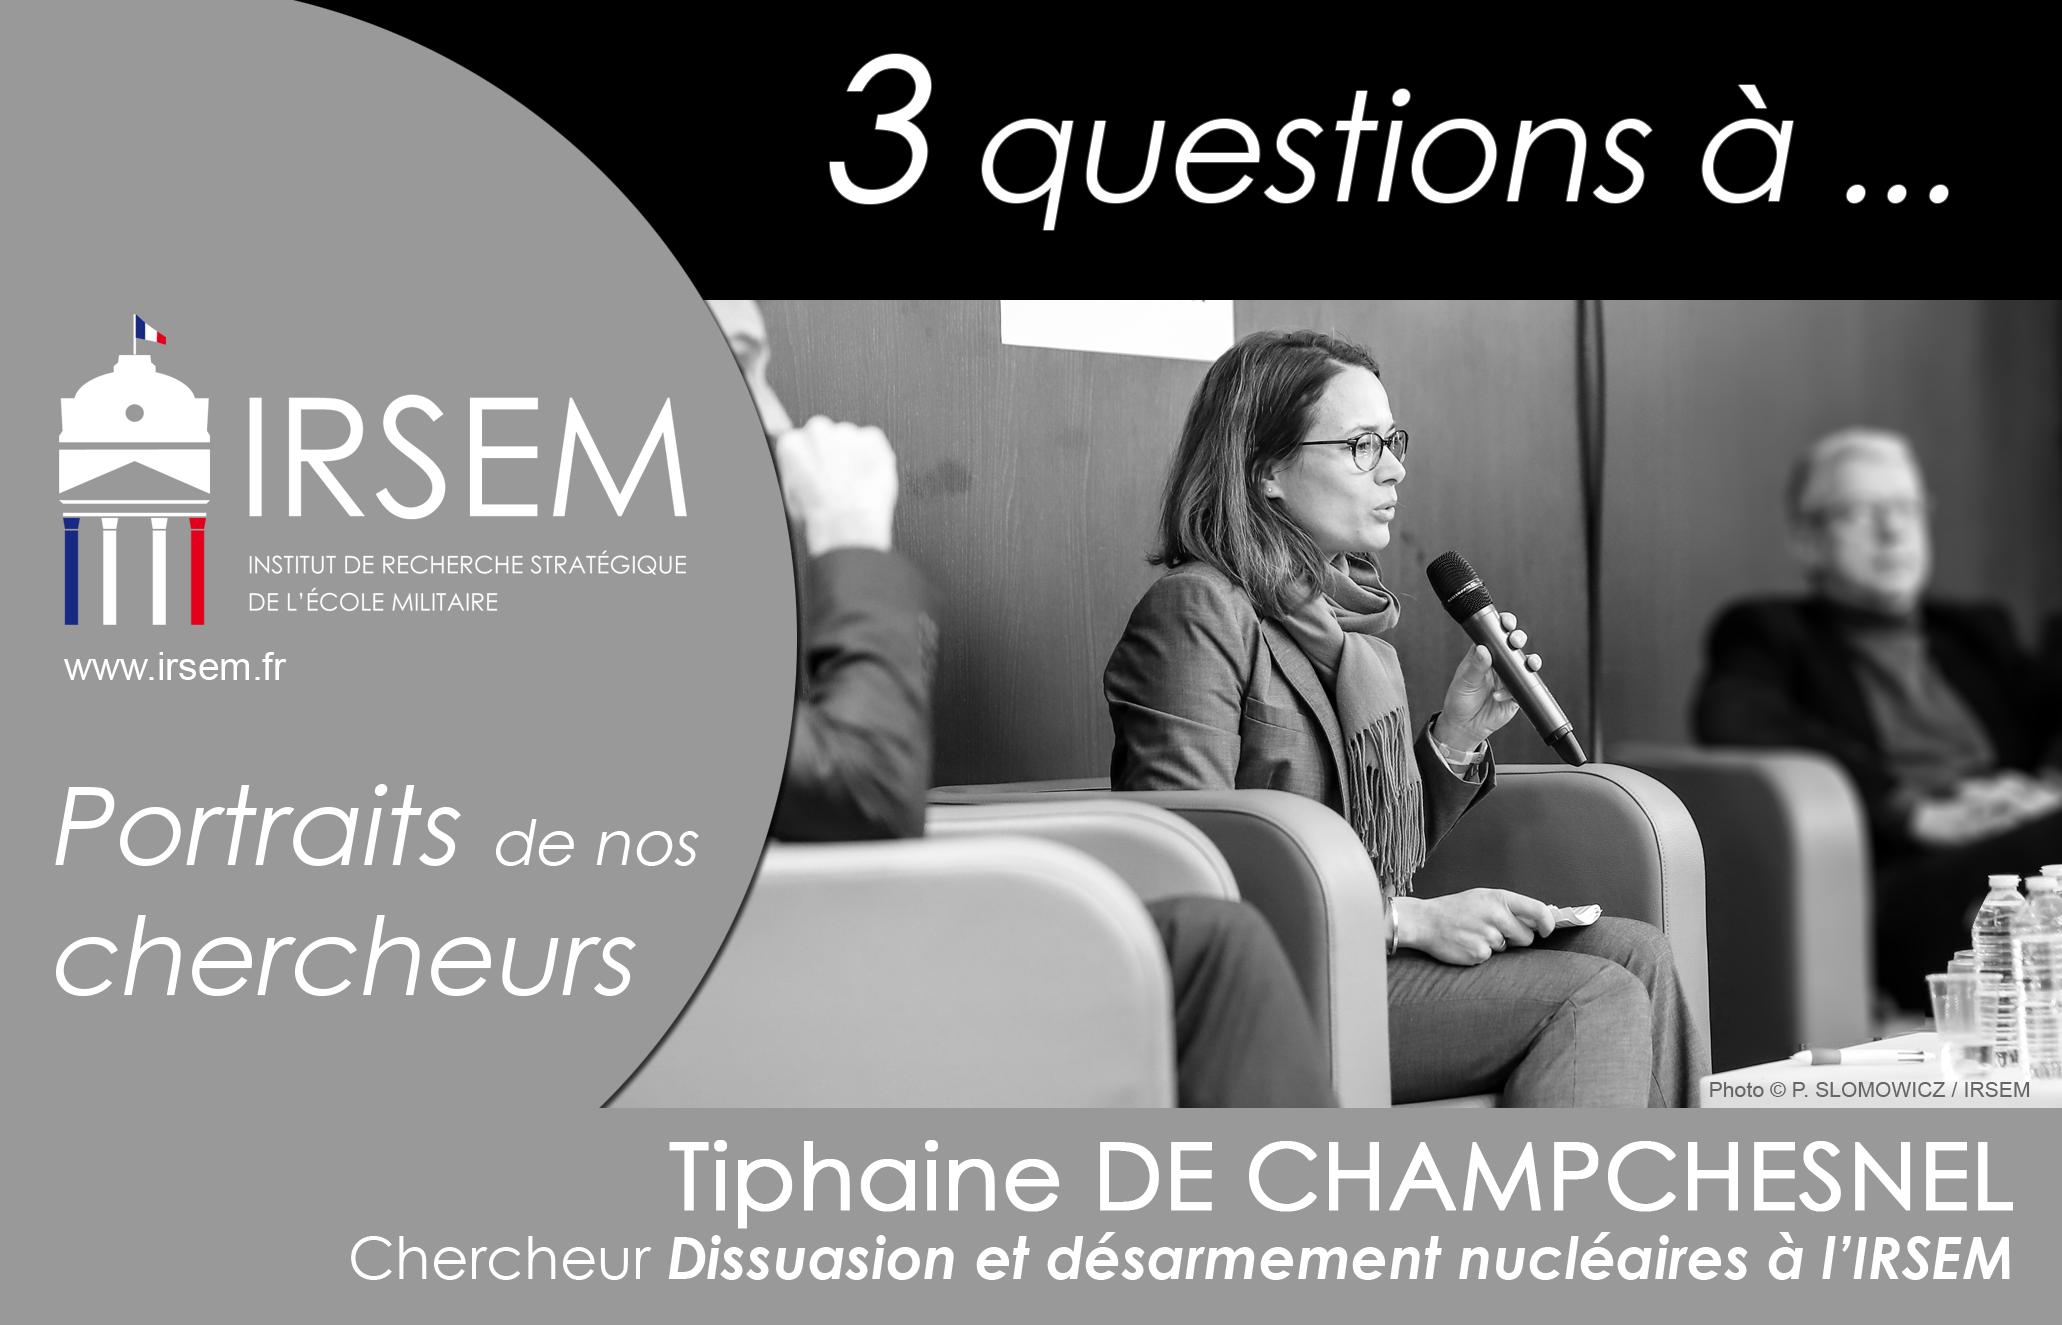 2019 03 25 De CHAMPCHESNEL Tiphaine